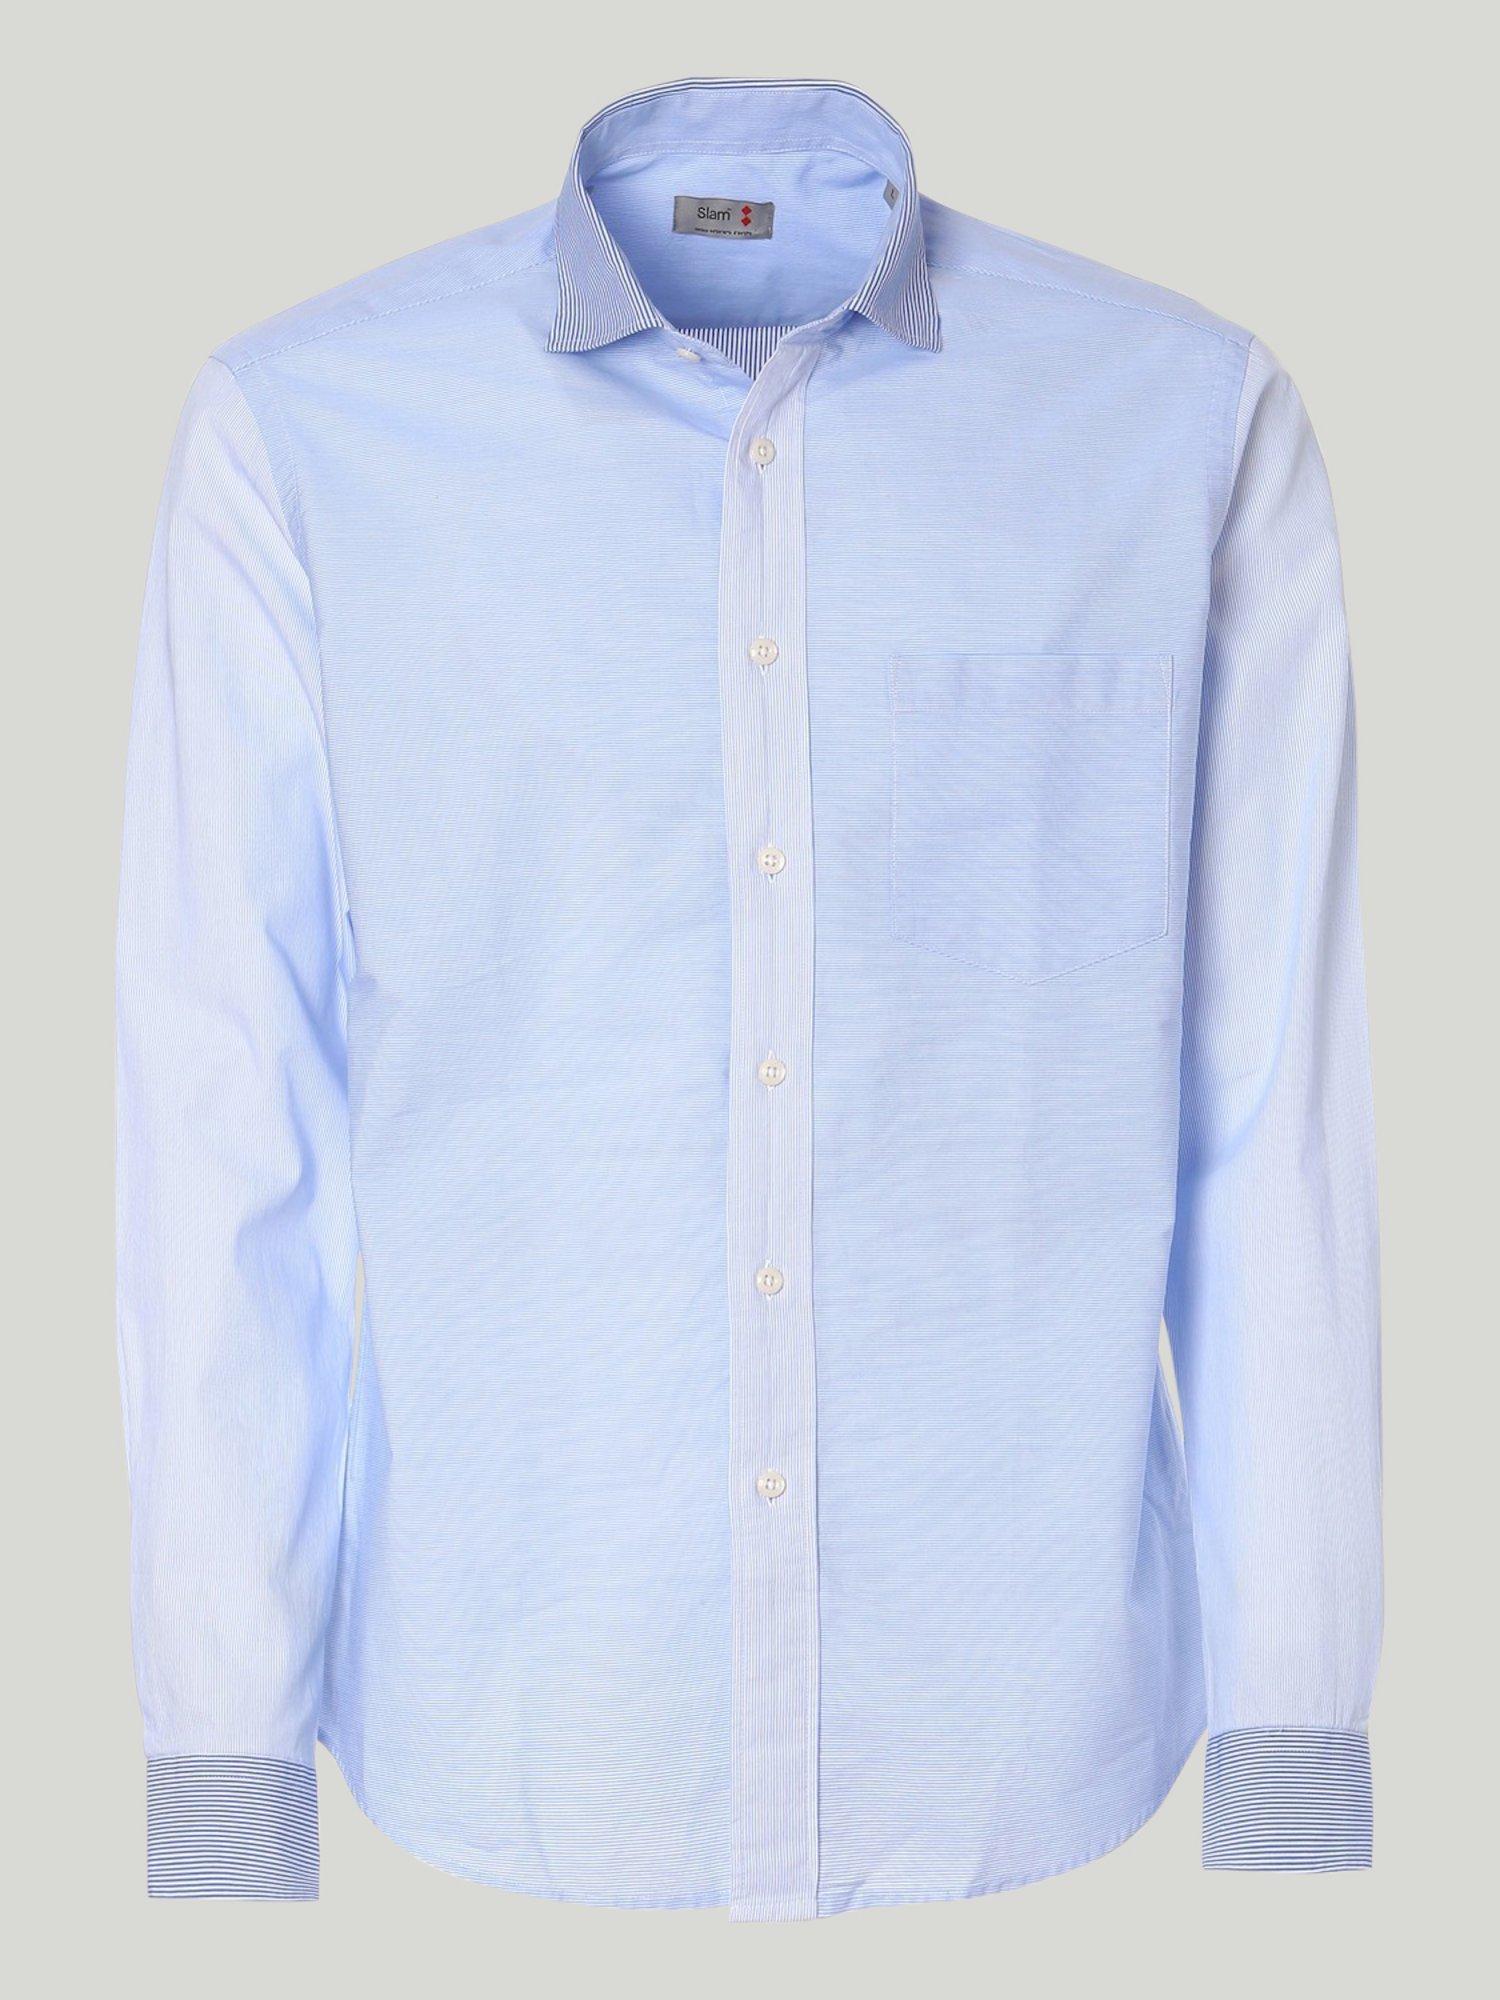 Eso shirt - Striped White / Light Blue